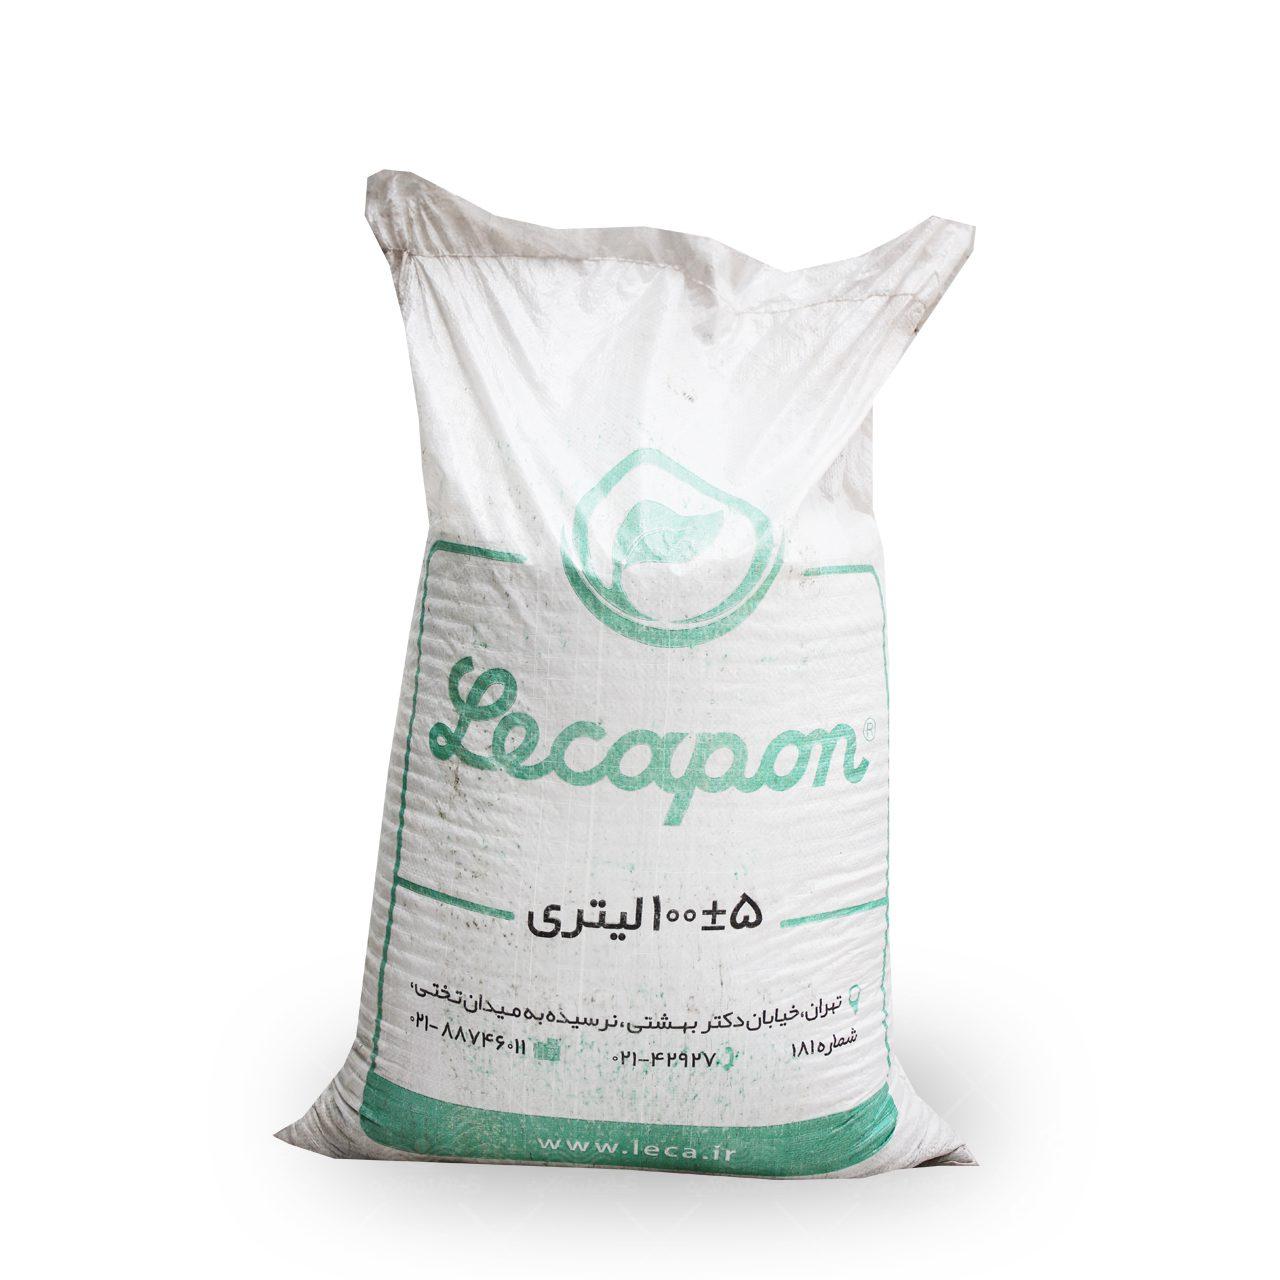 لیکاپون دانه متوسط 100 لیتری